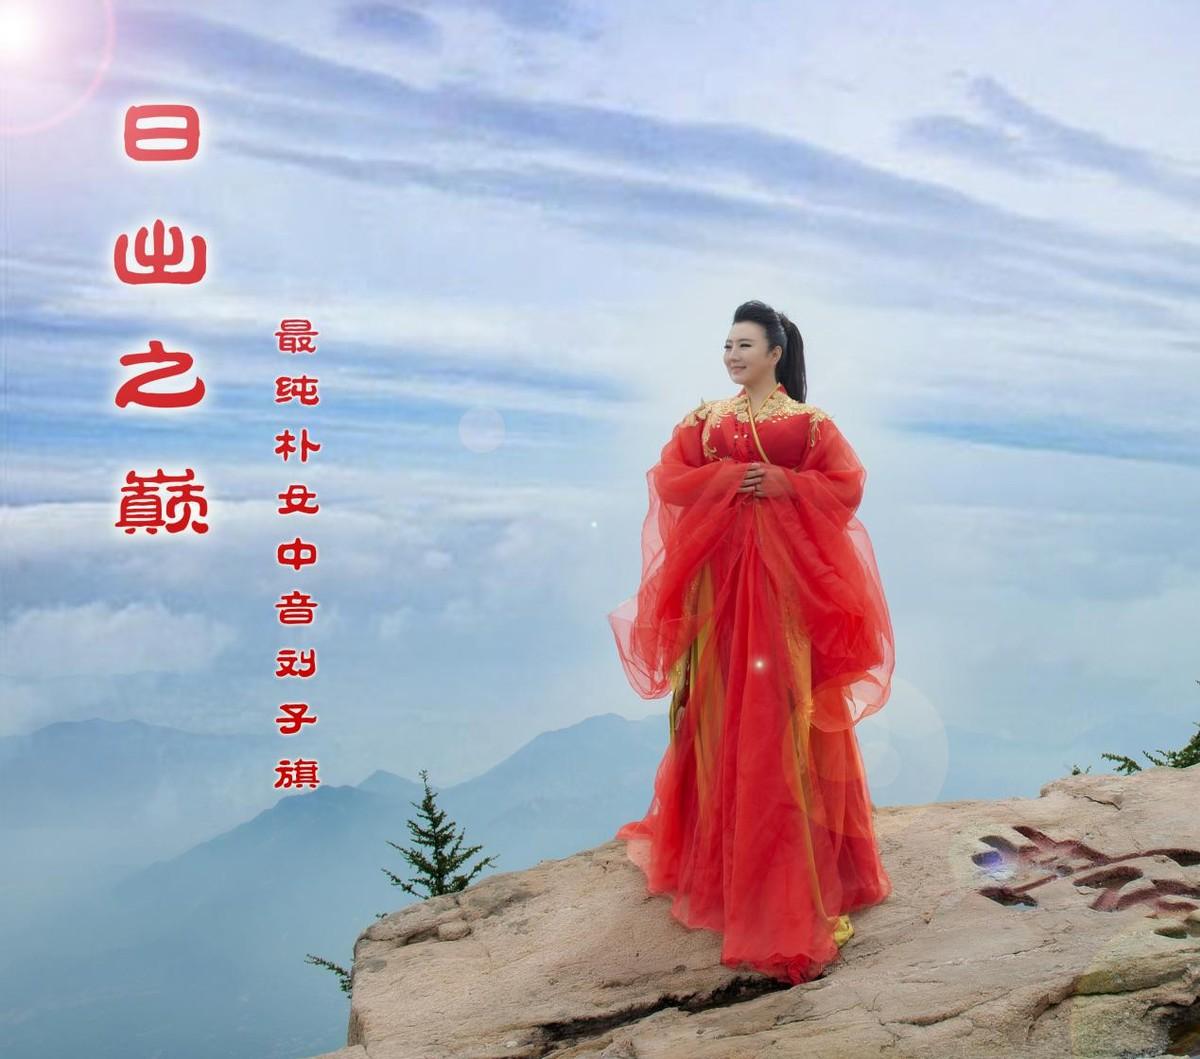 最纯朴女中音刘子旗推出新曲《日出之巅》,献礼新时代